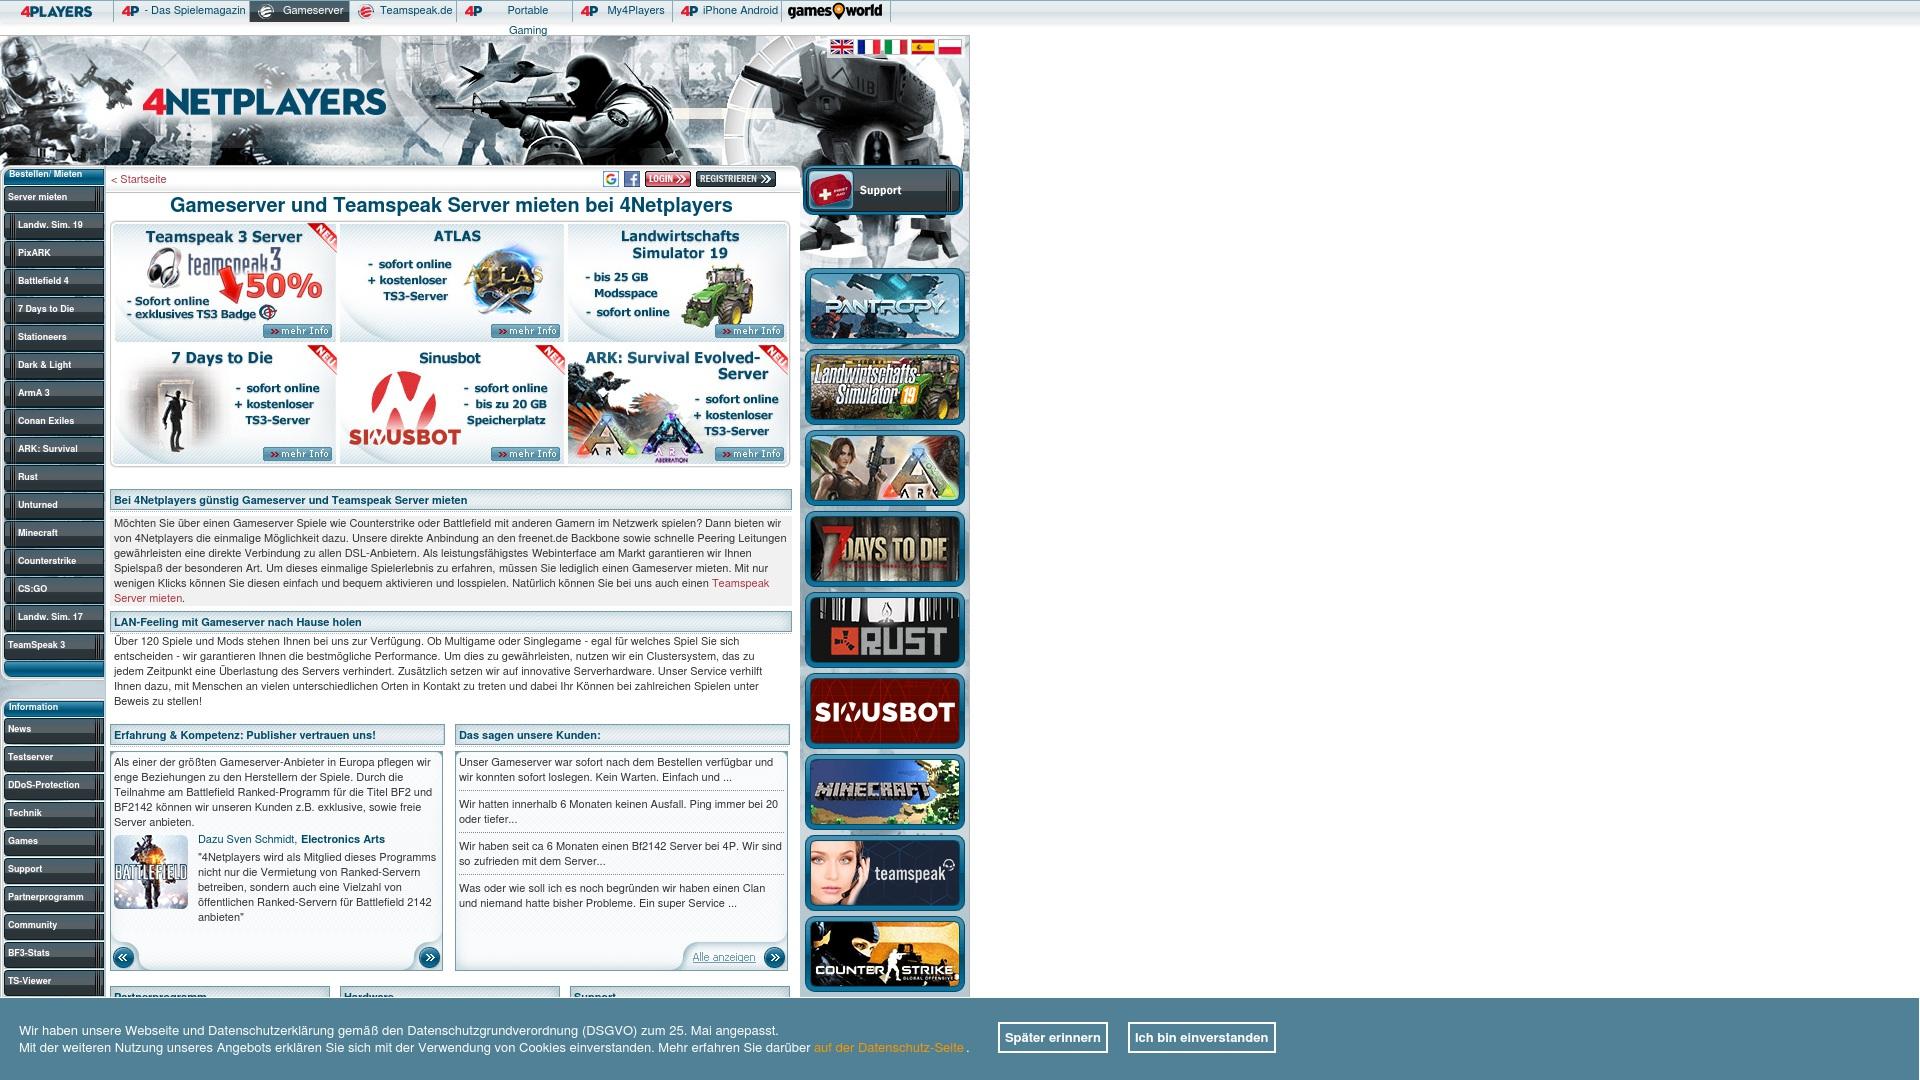 Gutschein für Gameserver: Rabatte für  Gameserver sichern